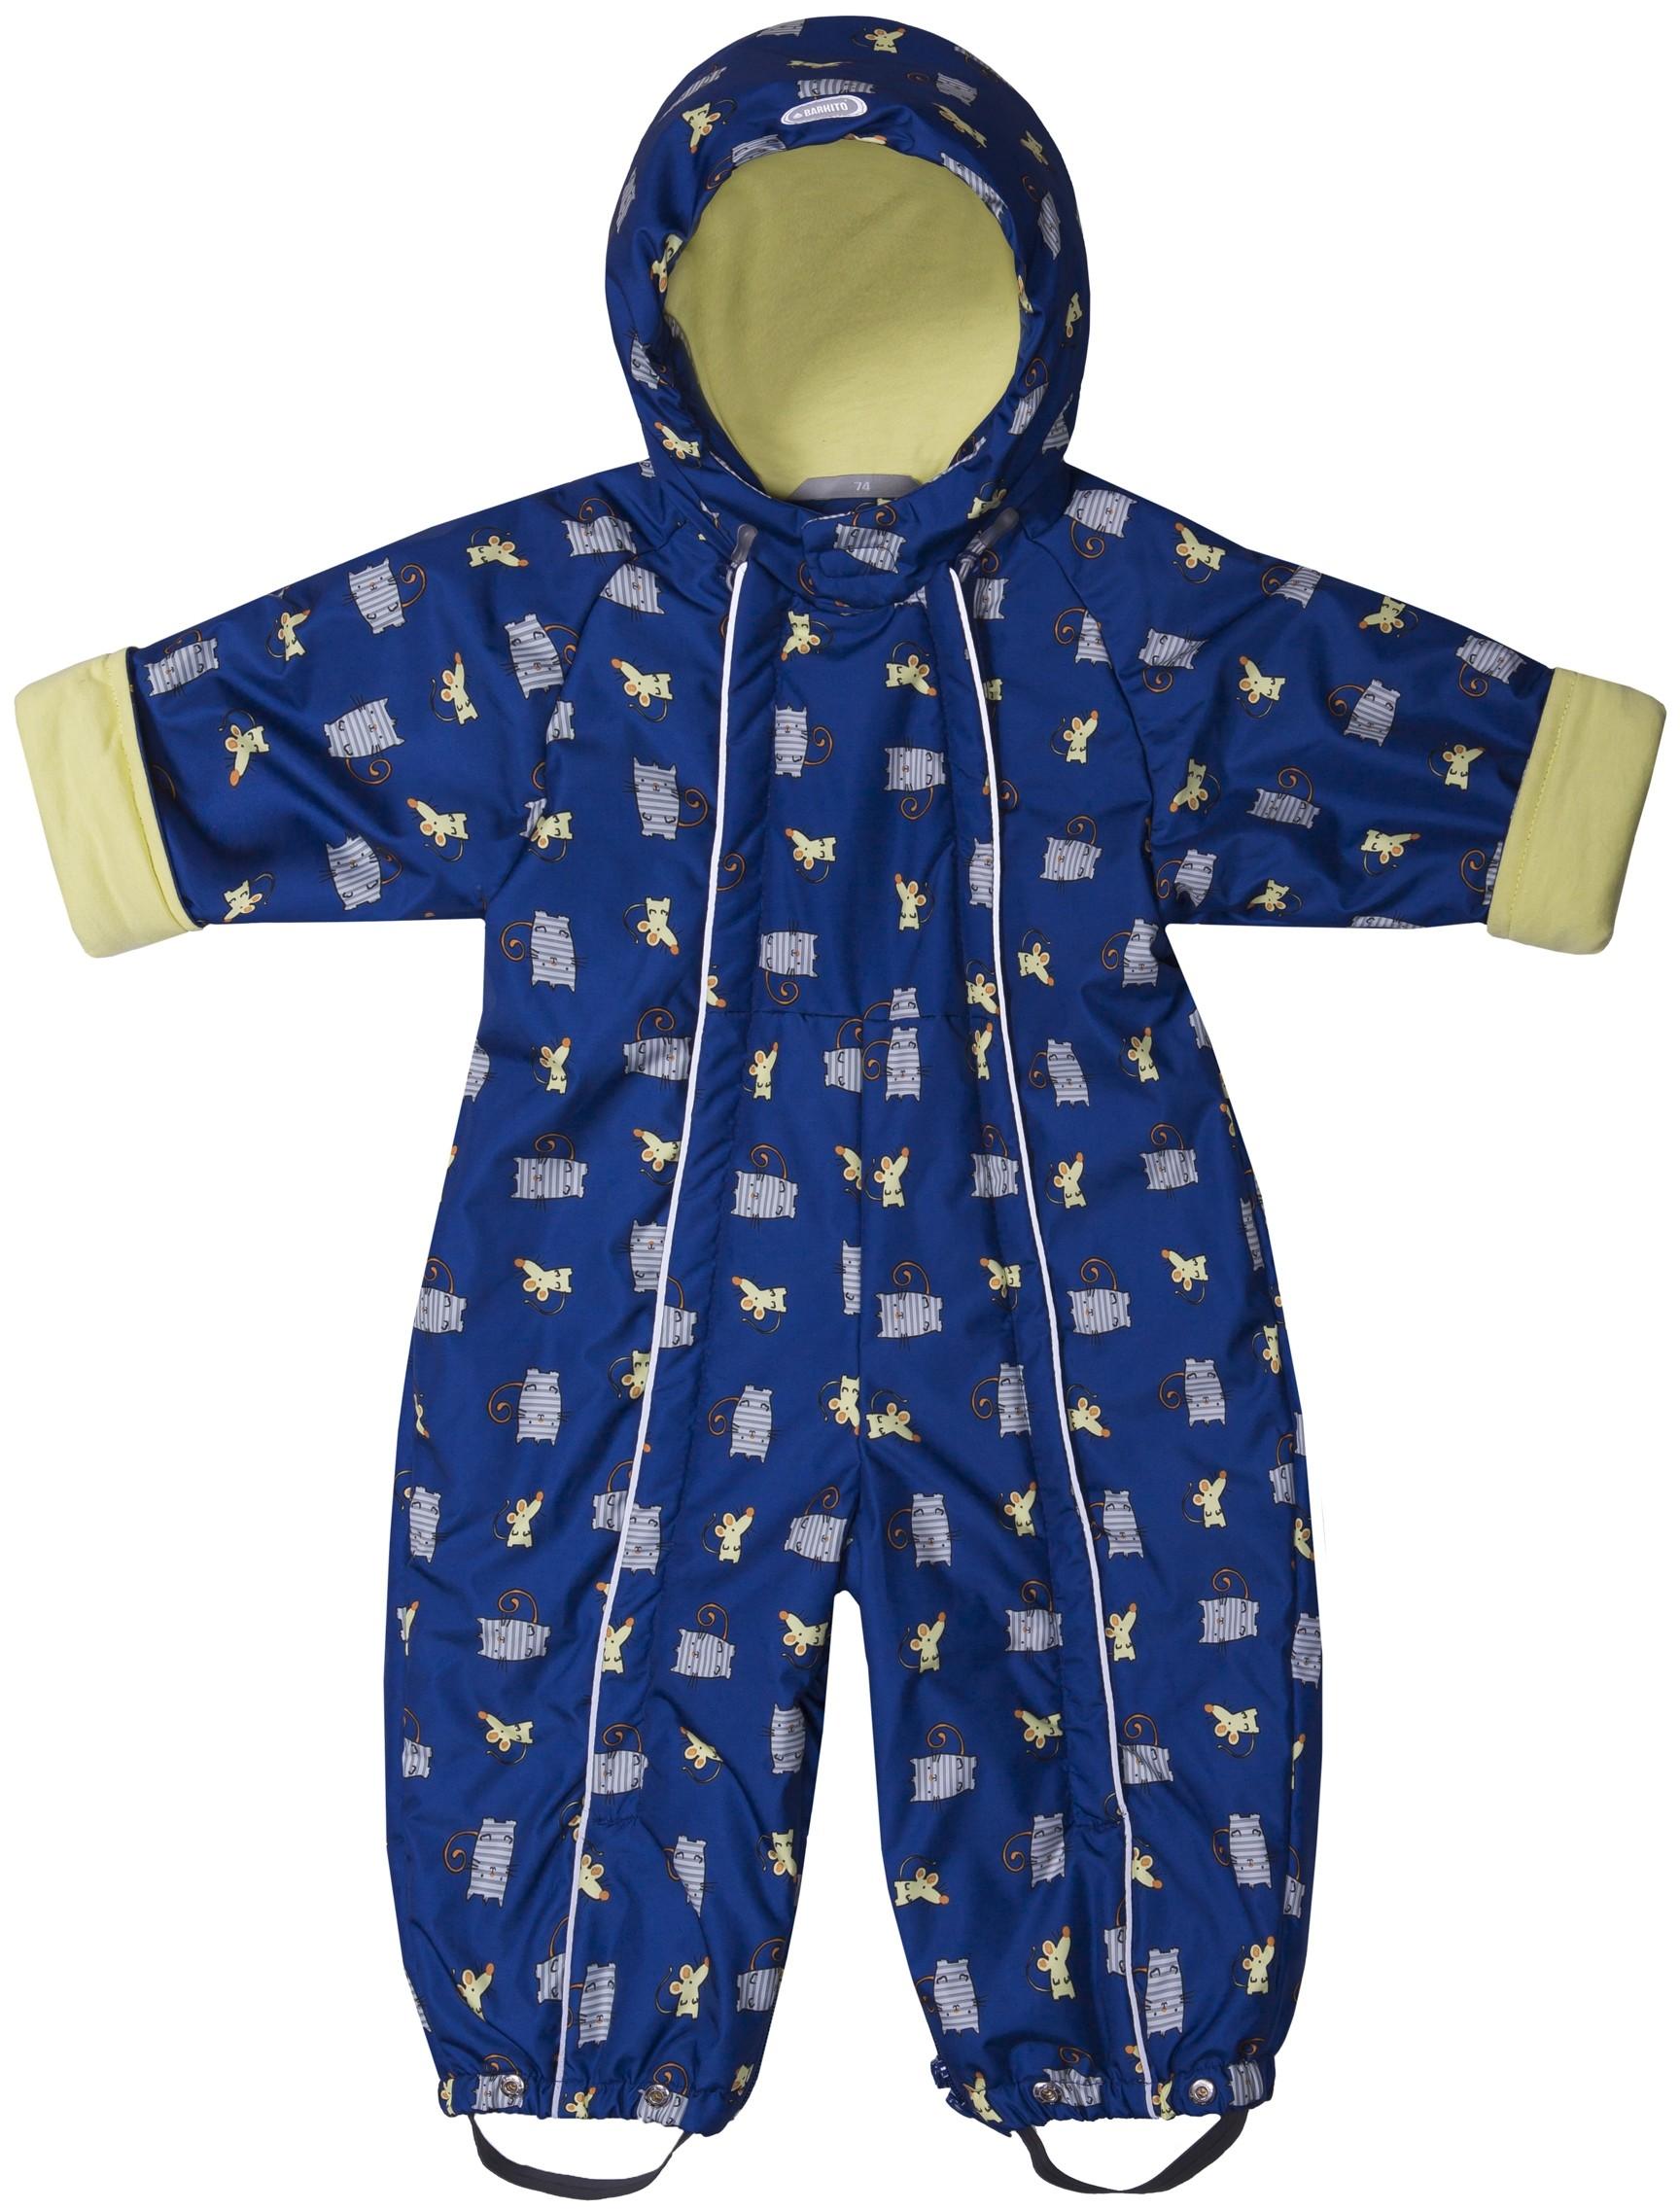 Купить Комбинезоны, Комбинезон - трансформер для мальчика Barkito, синий с рисунком, Китай, Мужской